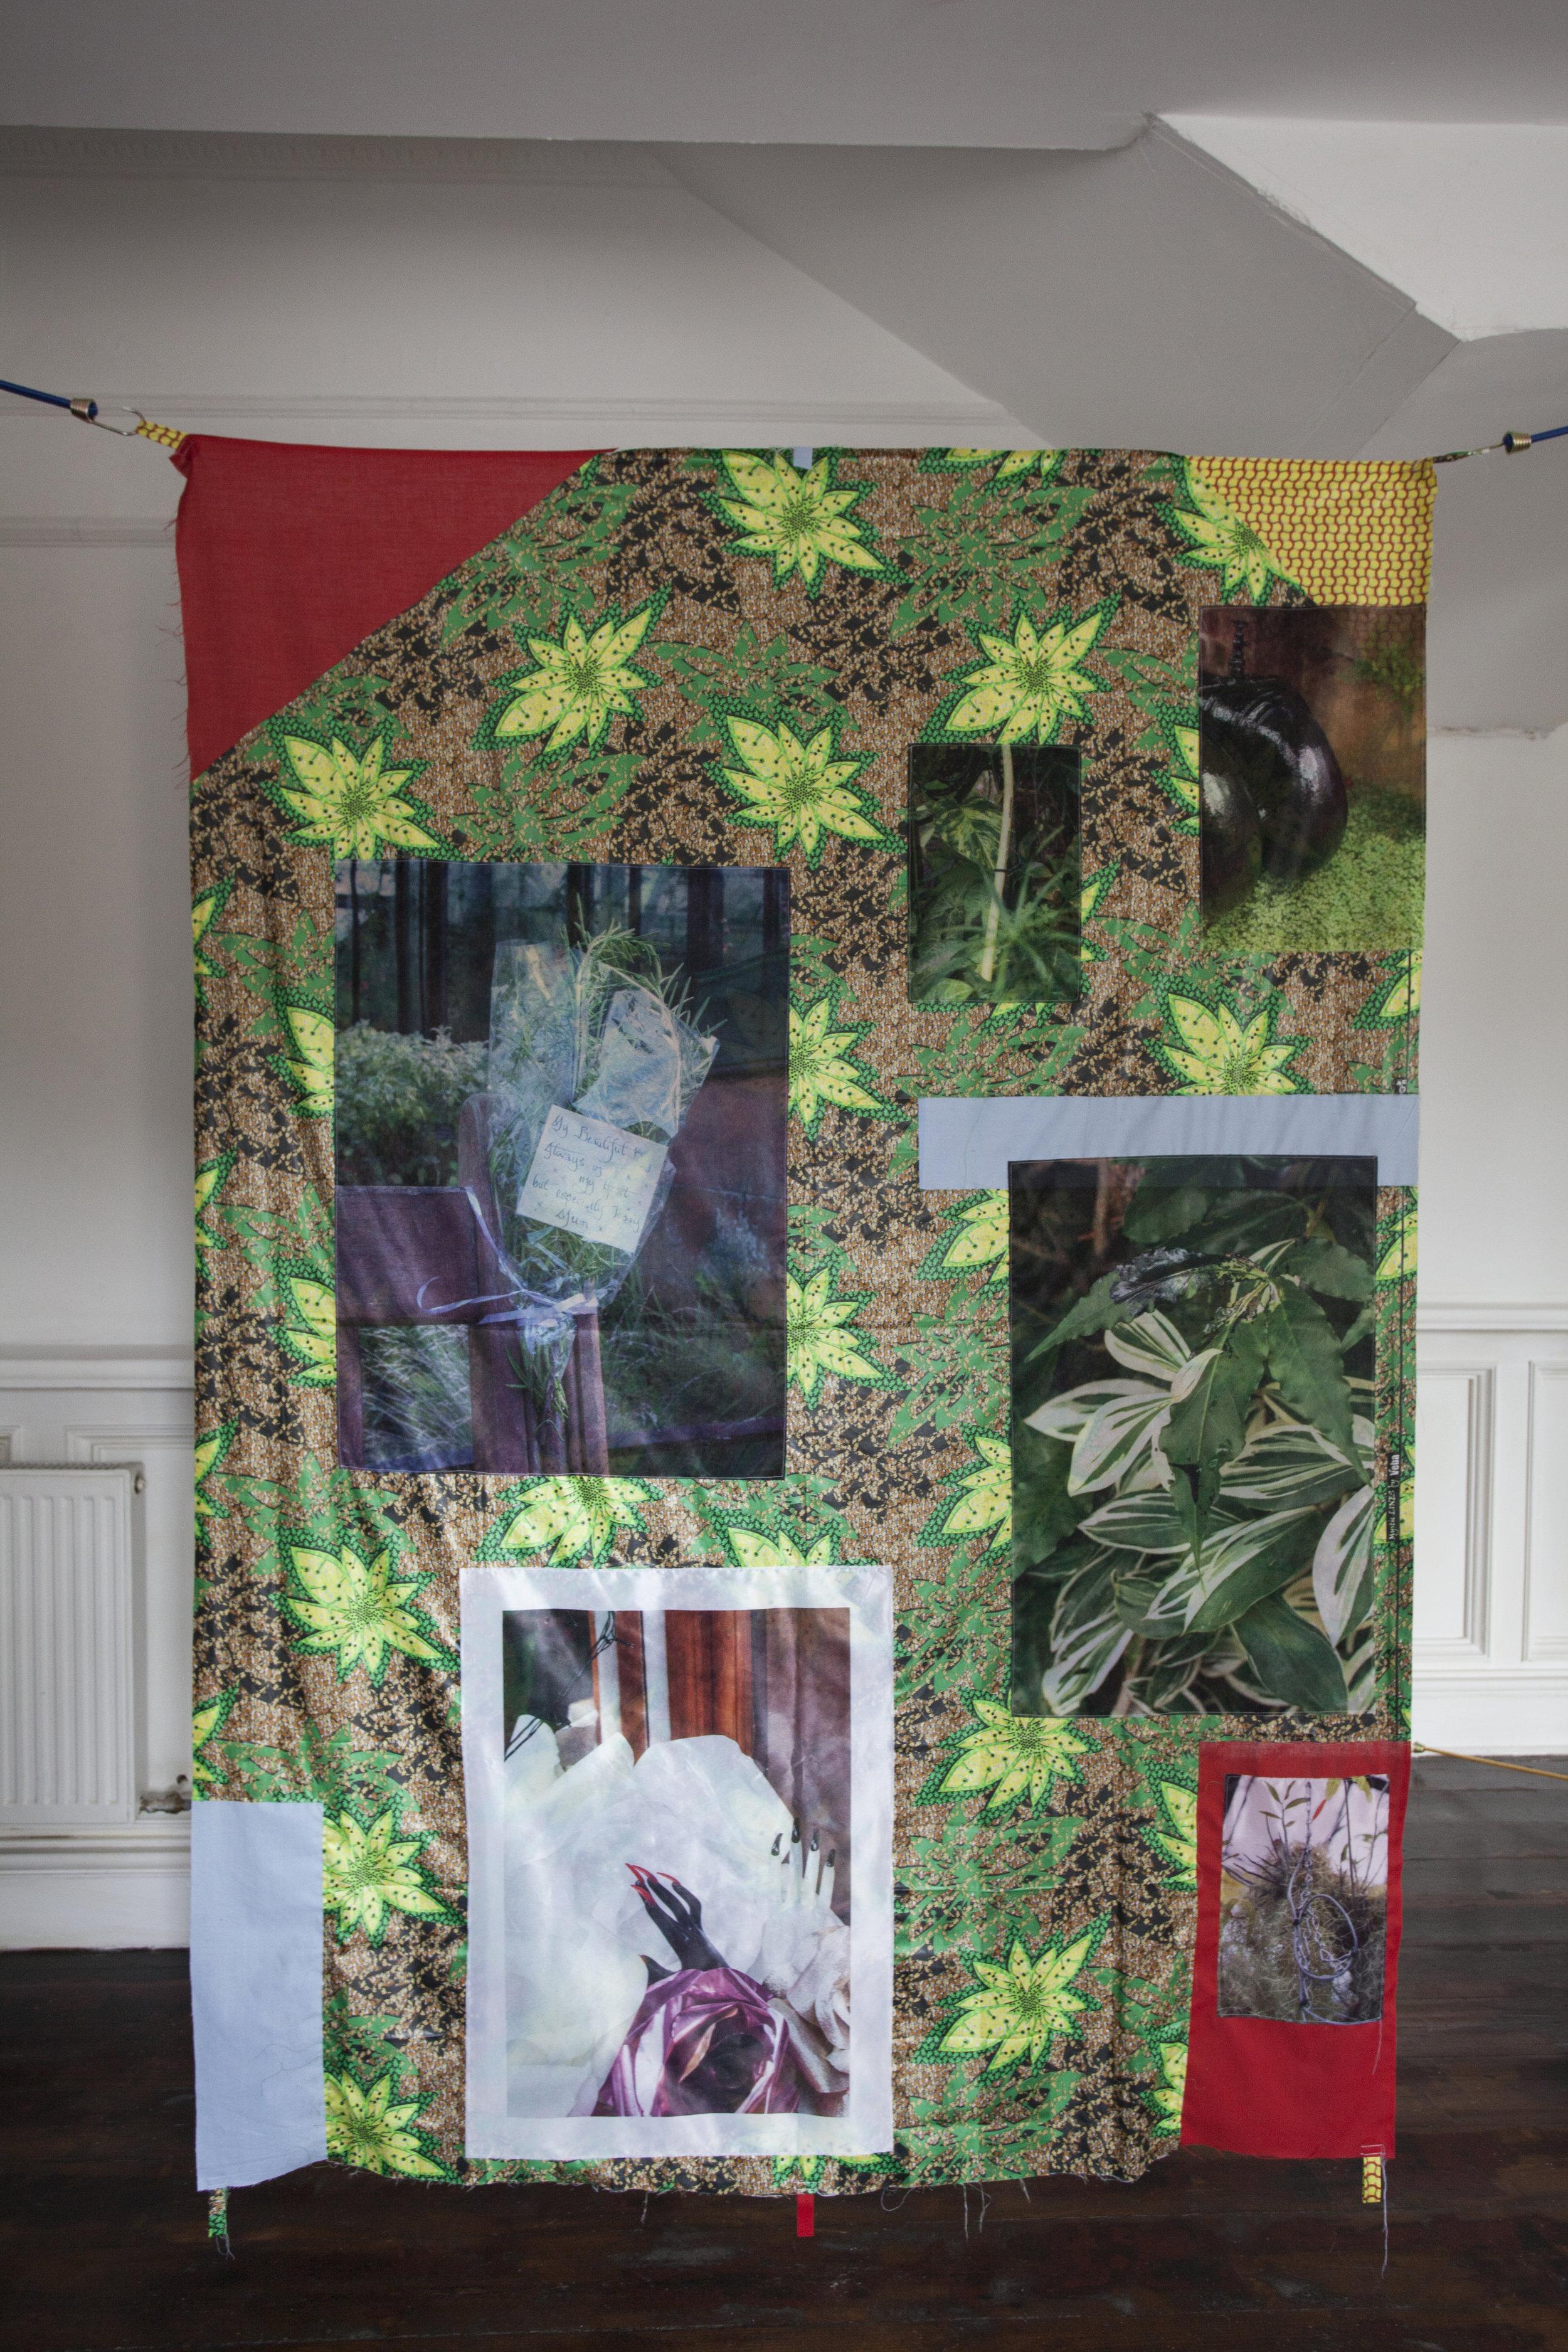 Red Naomi, 2017, installation view, 16 Nicholson Street Gallery, Glasgow